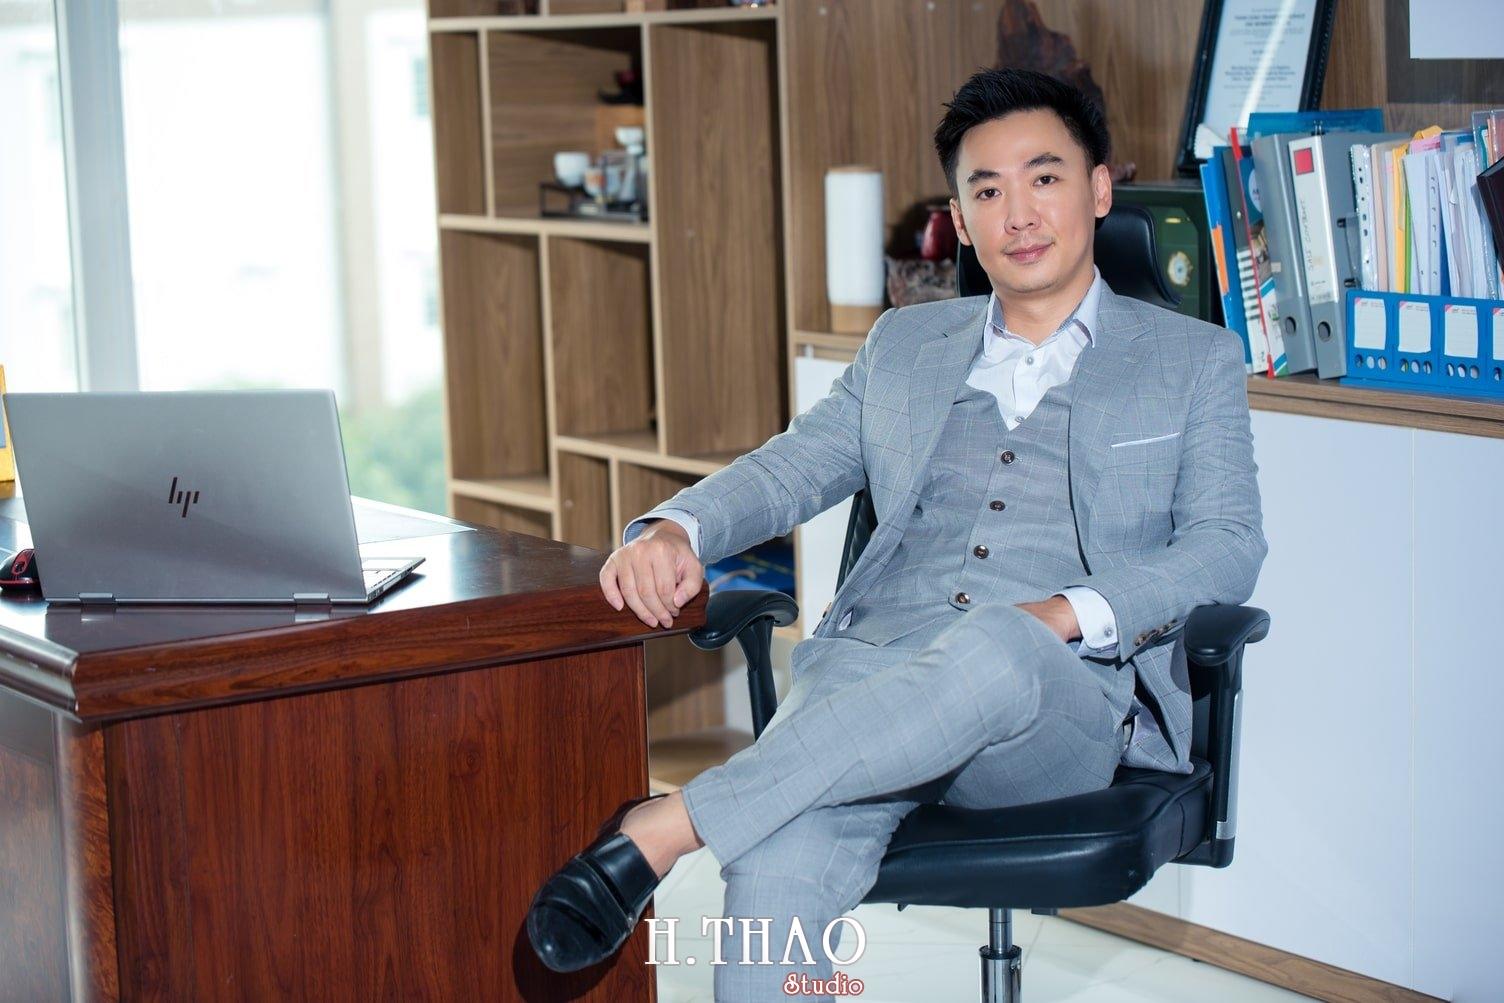 Ricky 8 - Bộ ảnh giám đốc Ricky lịch lãm phong cách - HThao Studio